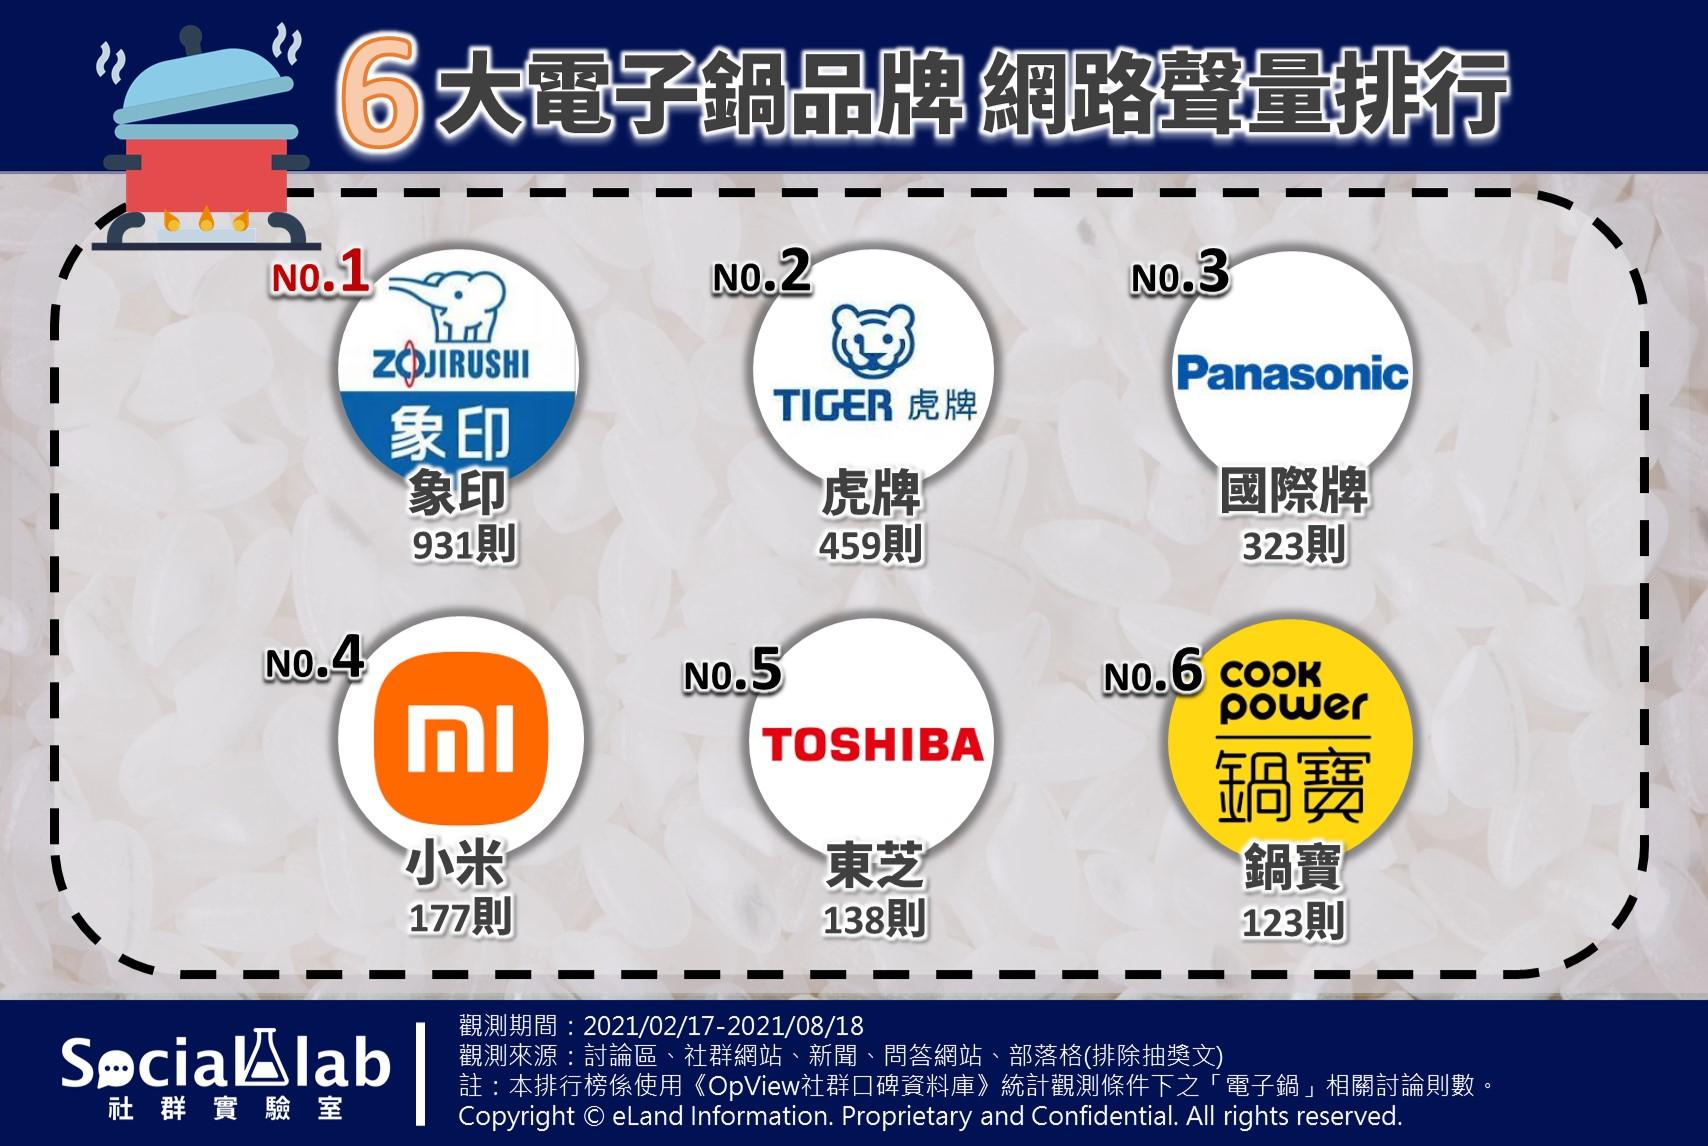 六大電子鍋品牌網路聲量排行